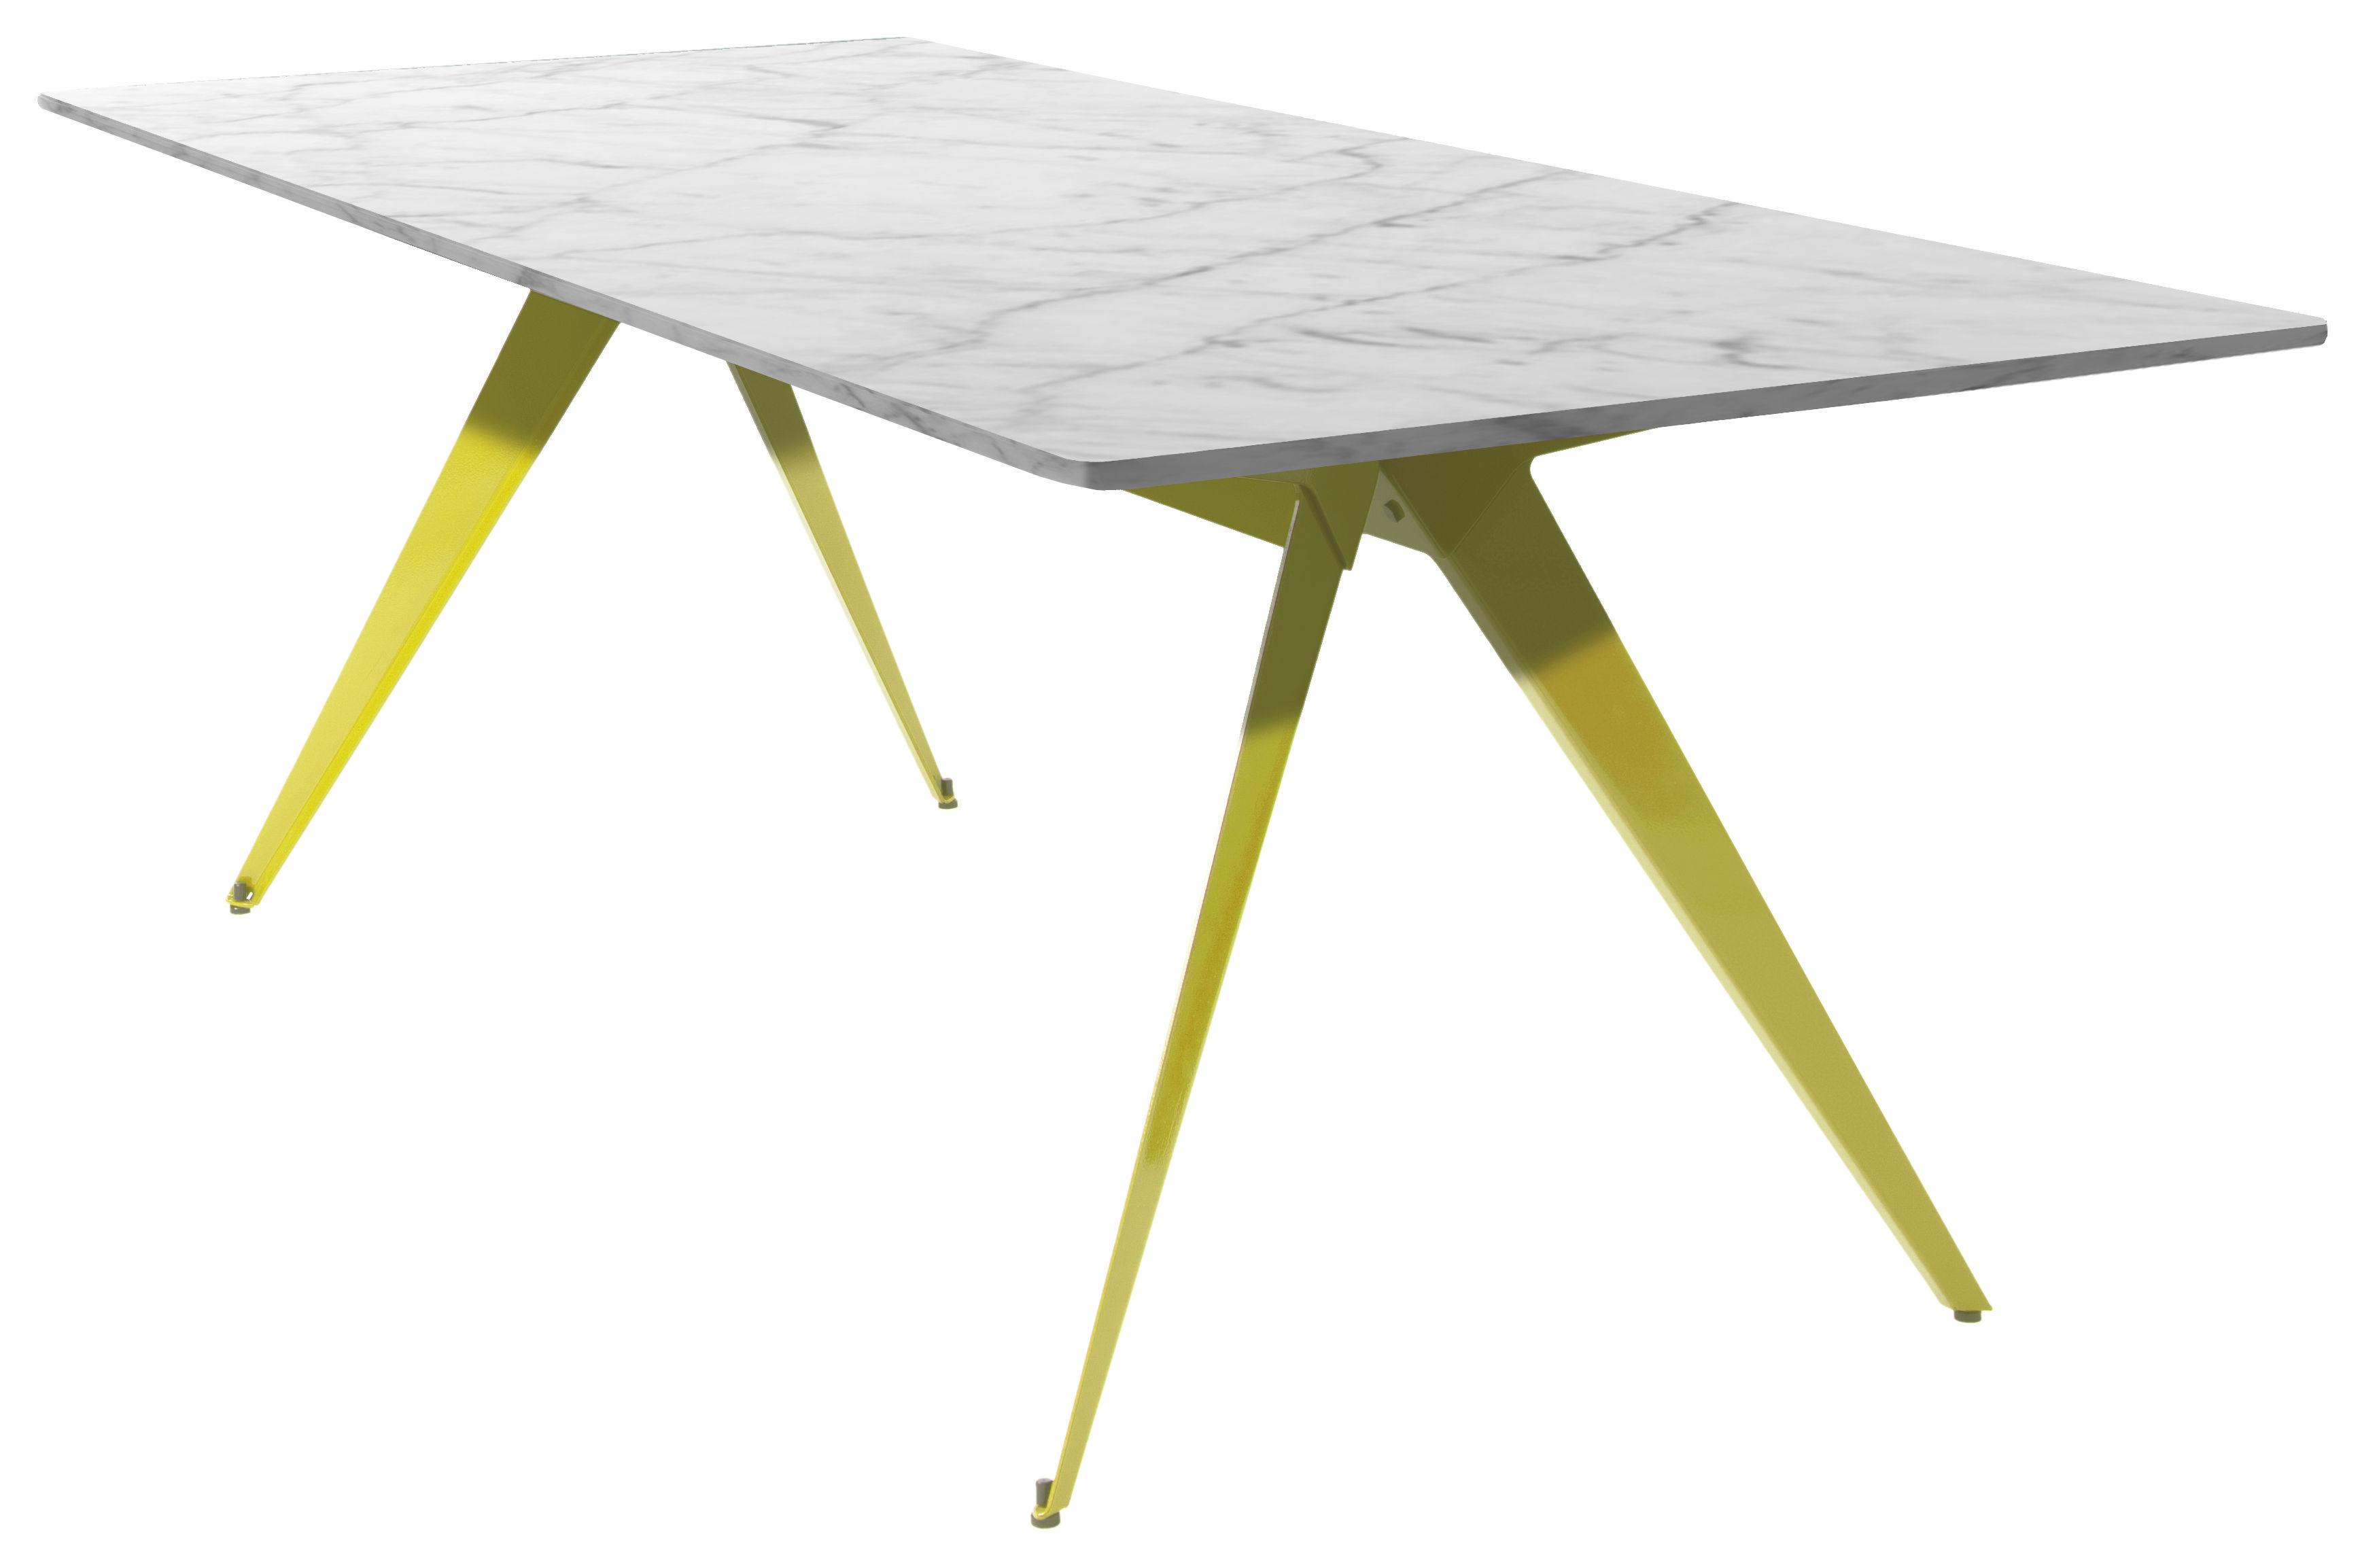 Table Stern Marbre 220 X 90 Cm Pied Jaune Souffre Plateau